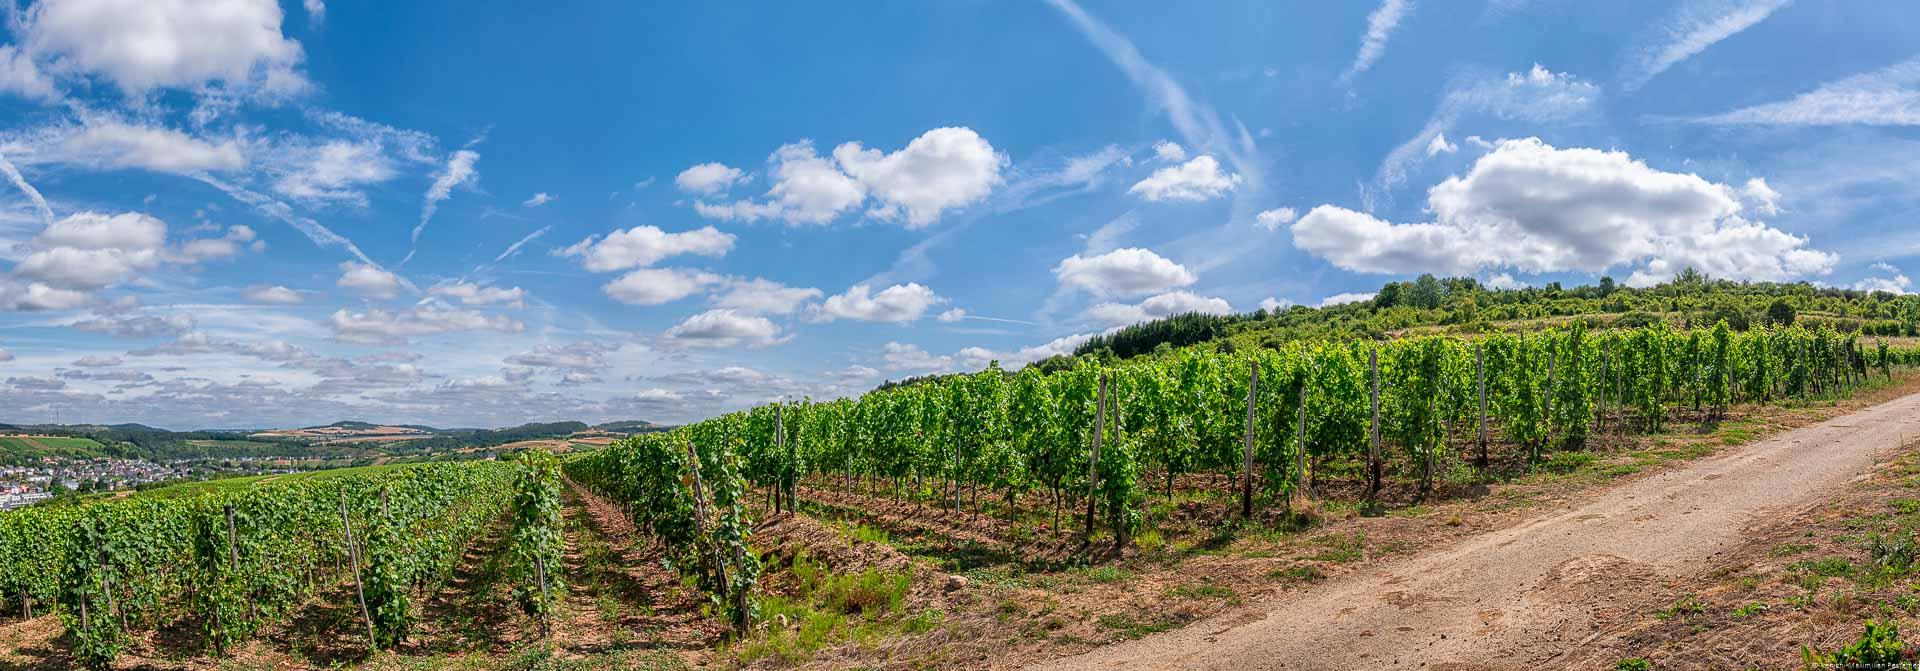 Weinberg und blauer Himmel mit einigen Wolken